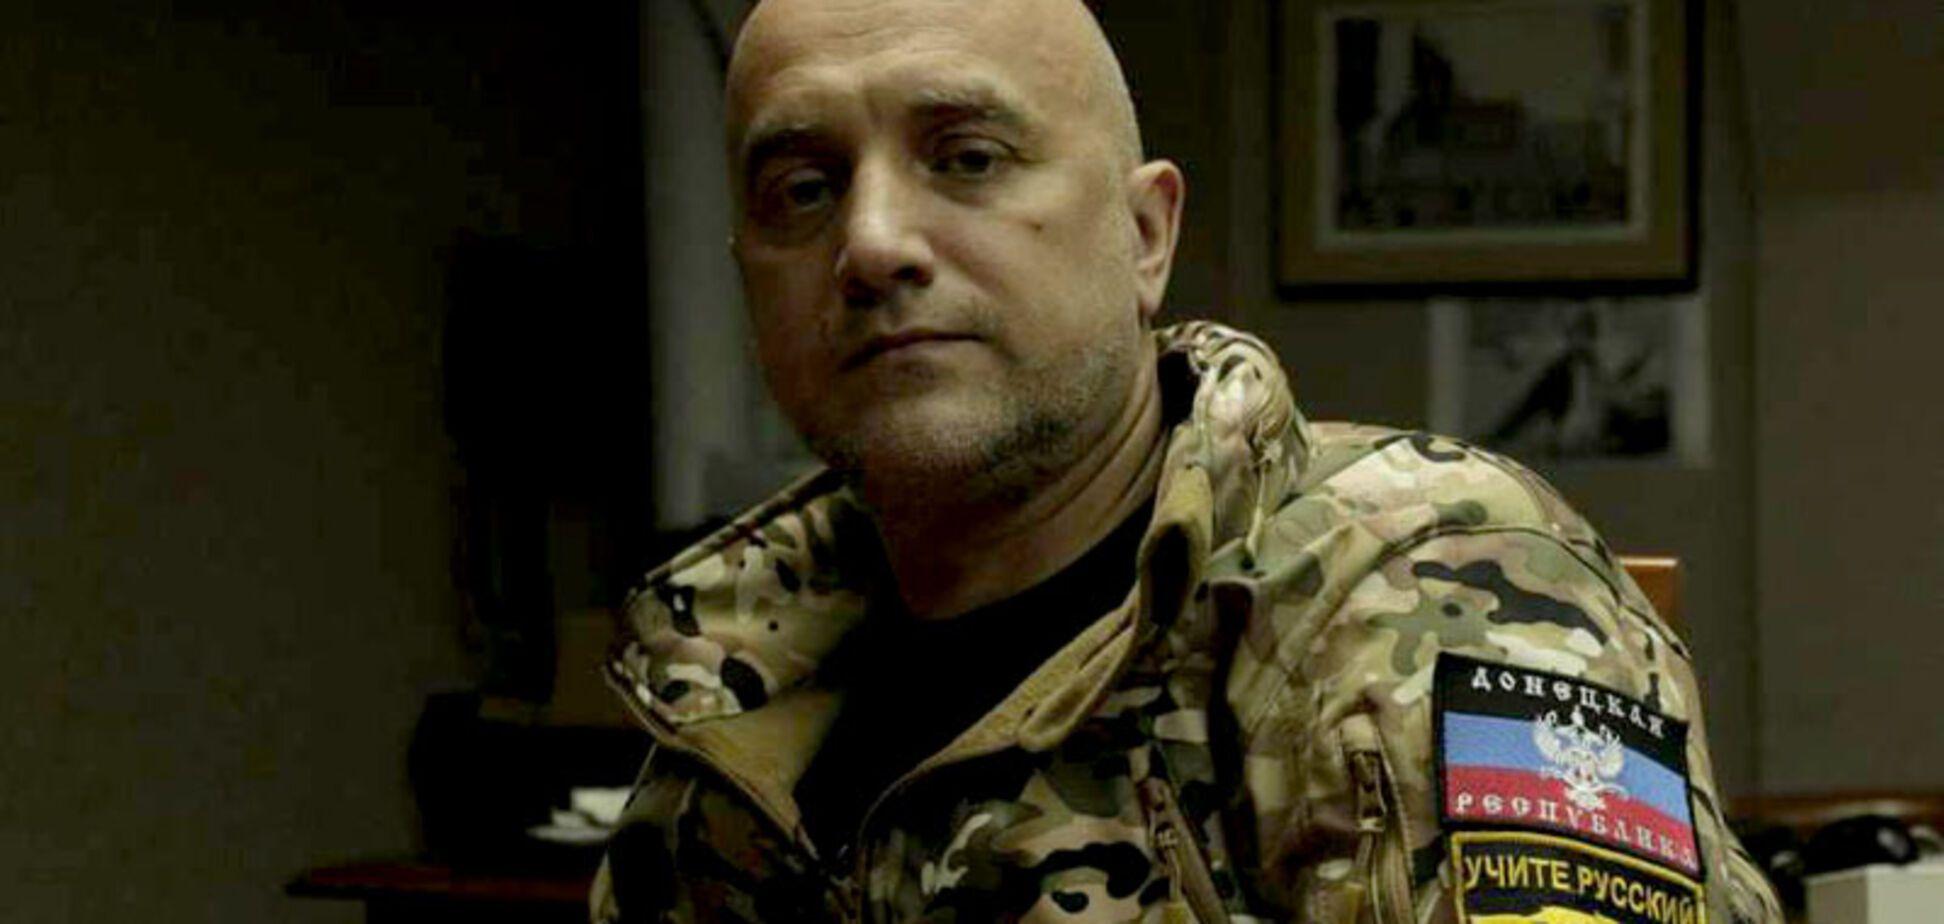 'Обычная работа': российский писатель рассказал, как убивал людей на Донбассе